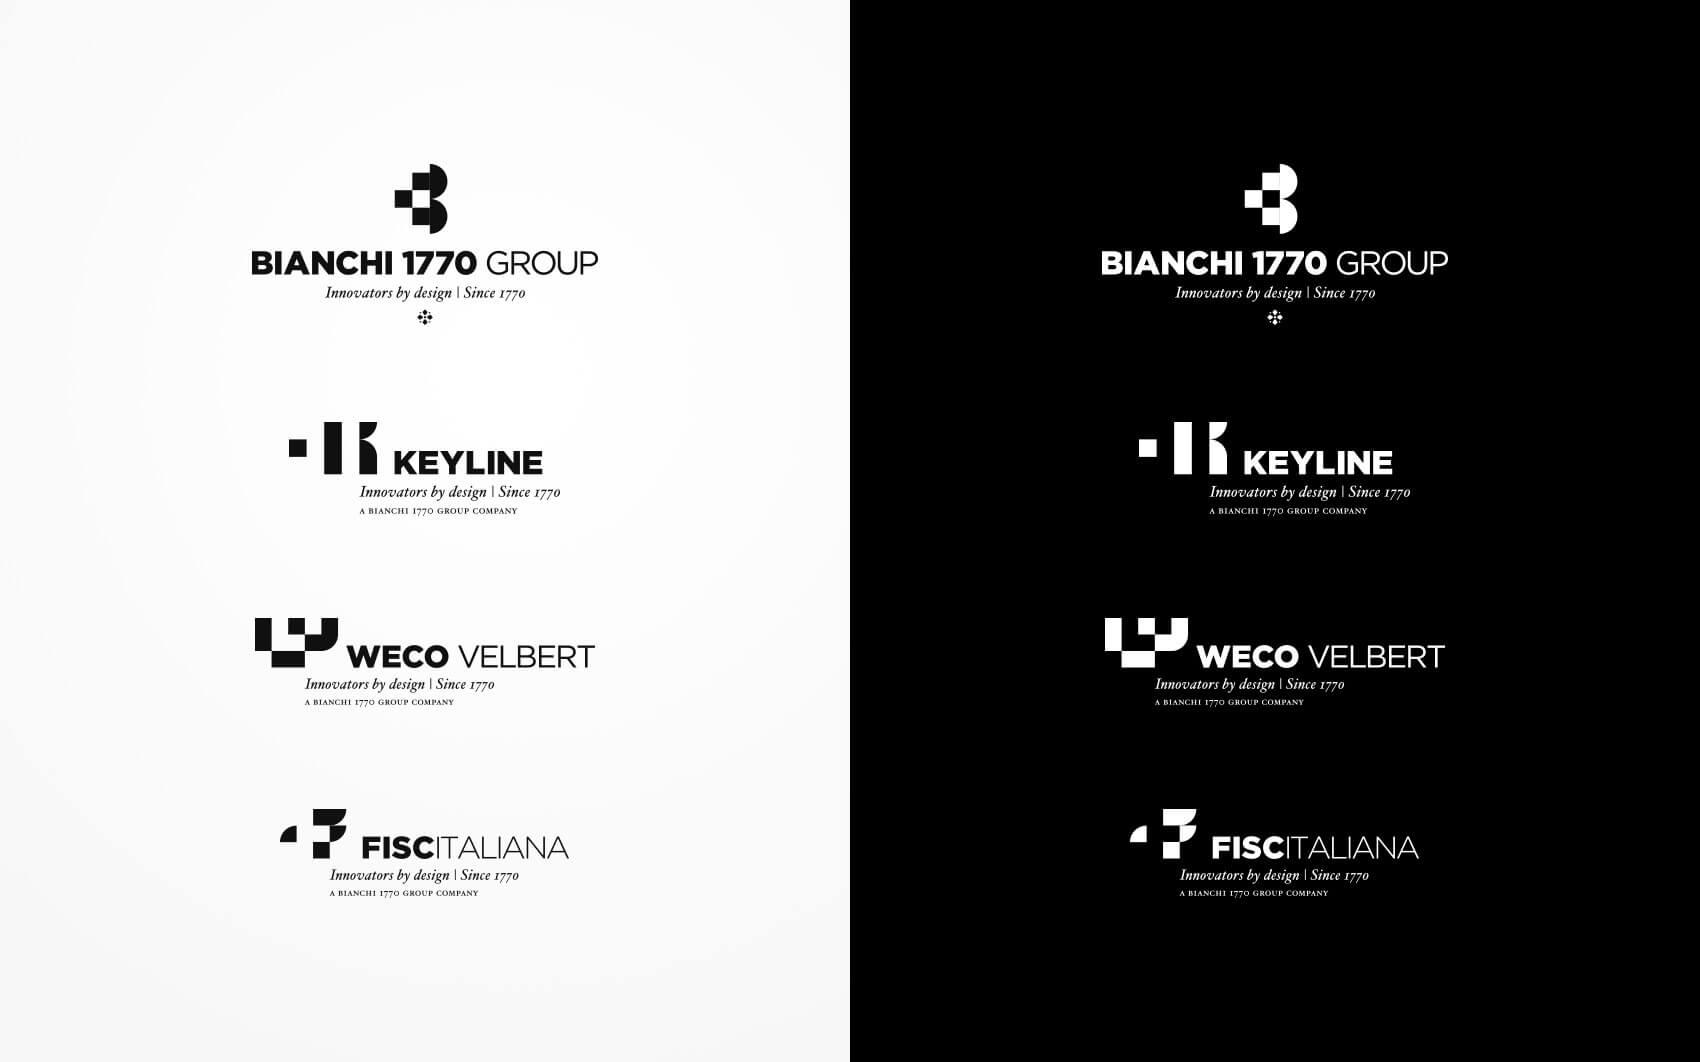 Bianchi 1770 Group Rebranding - Brand Logos